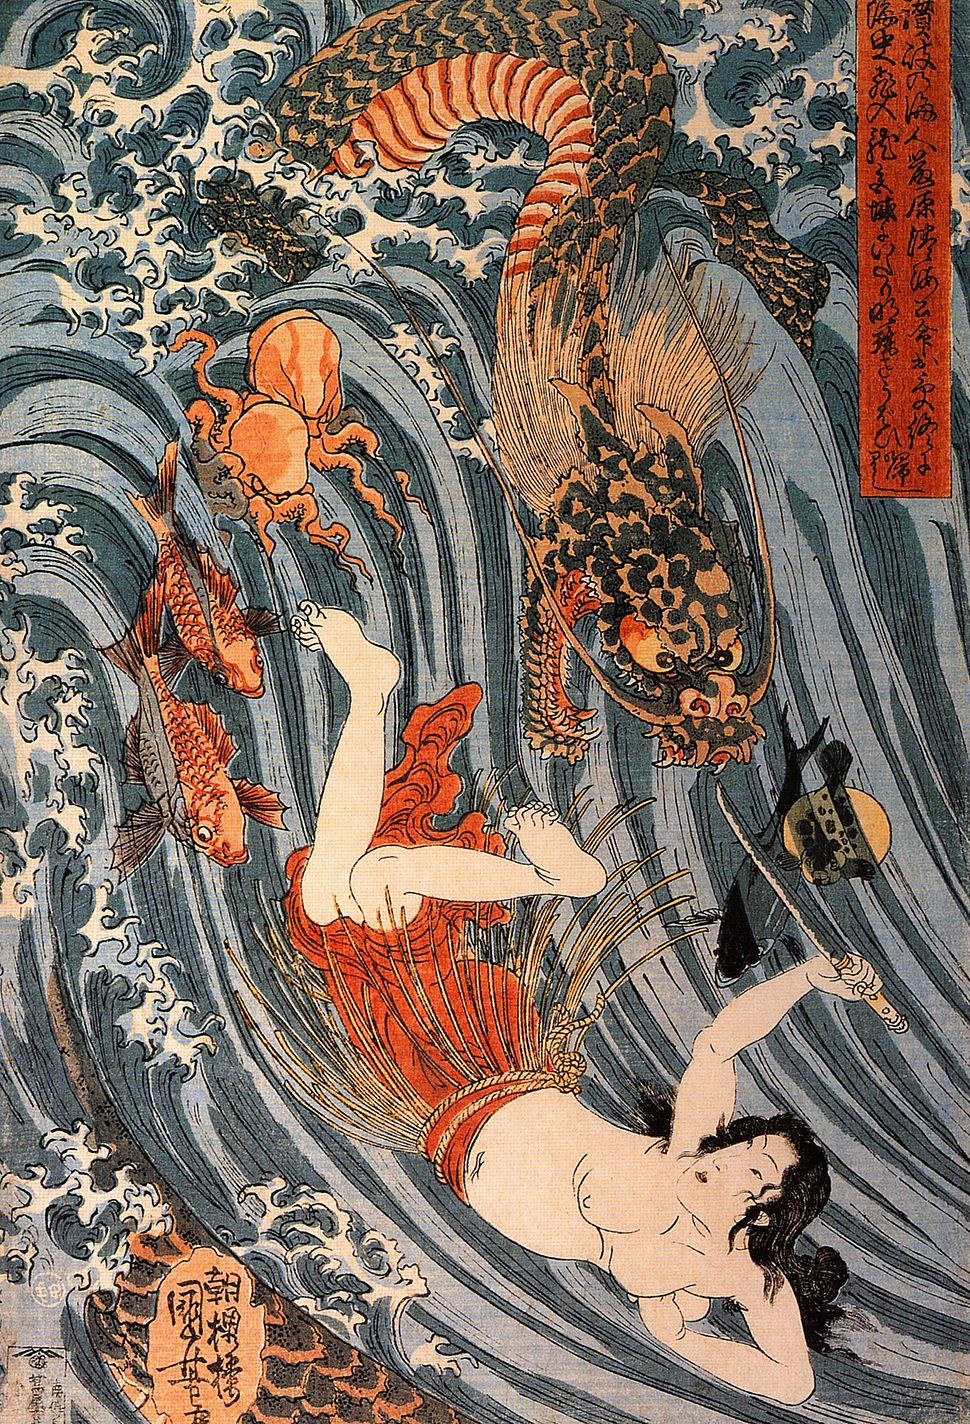 Tamatori being pursued bya dragon